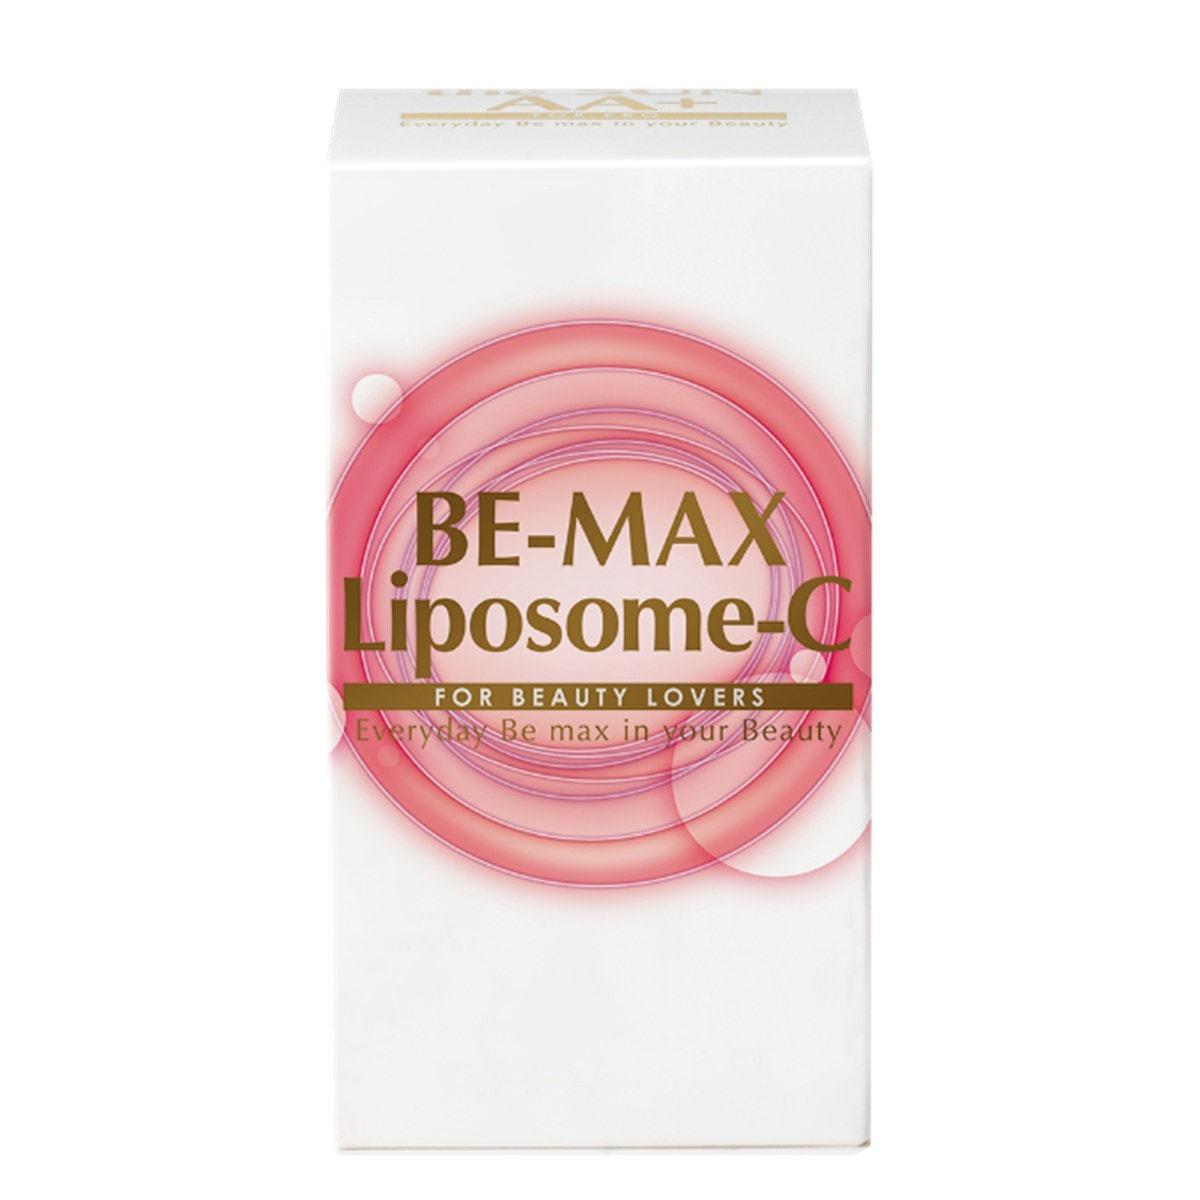 全品最安値に挑戦 高吸収 高持続のリポソーム型ビタミンC美容と健康に欠かせないビタミンC そんなビタミンCの理想的な摂り方を考えたサプリメントがBE-MAXから誕生 BE-MAX ビーマックス Liposome-C 正規品保証 送料無料 リポソーム 3g×30包 完全送料無料 シー